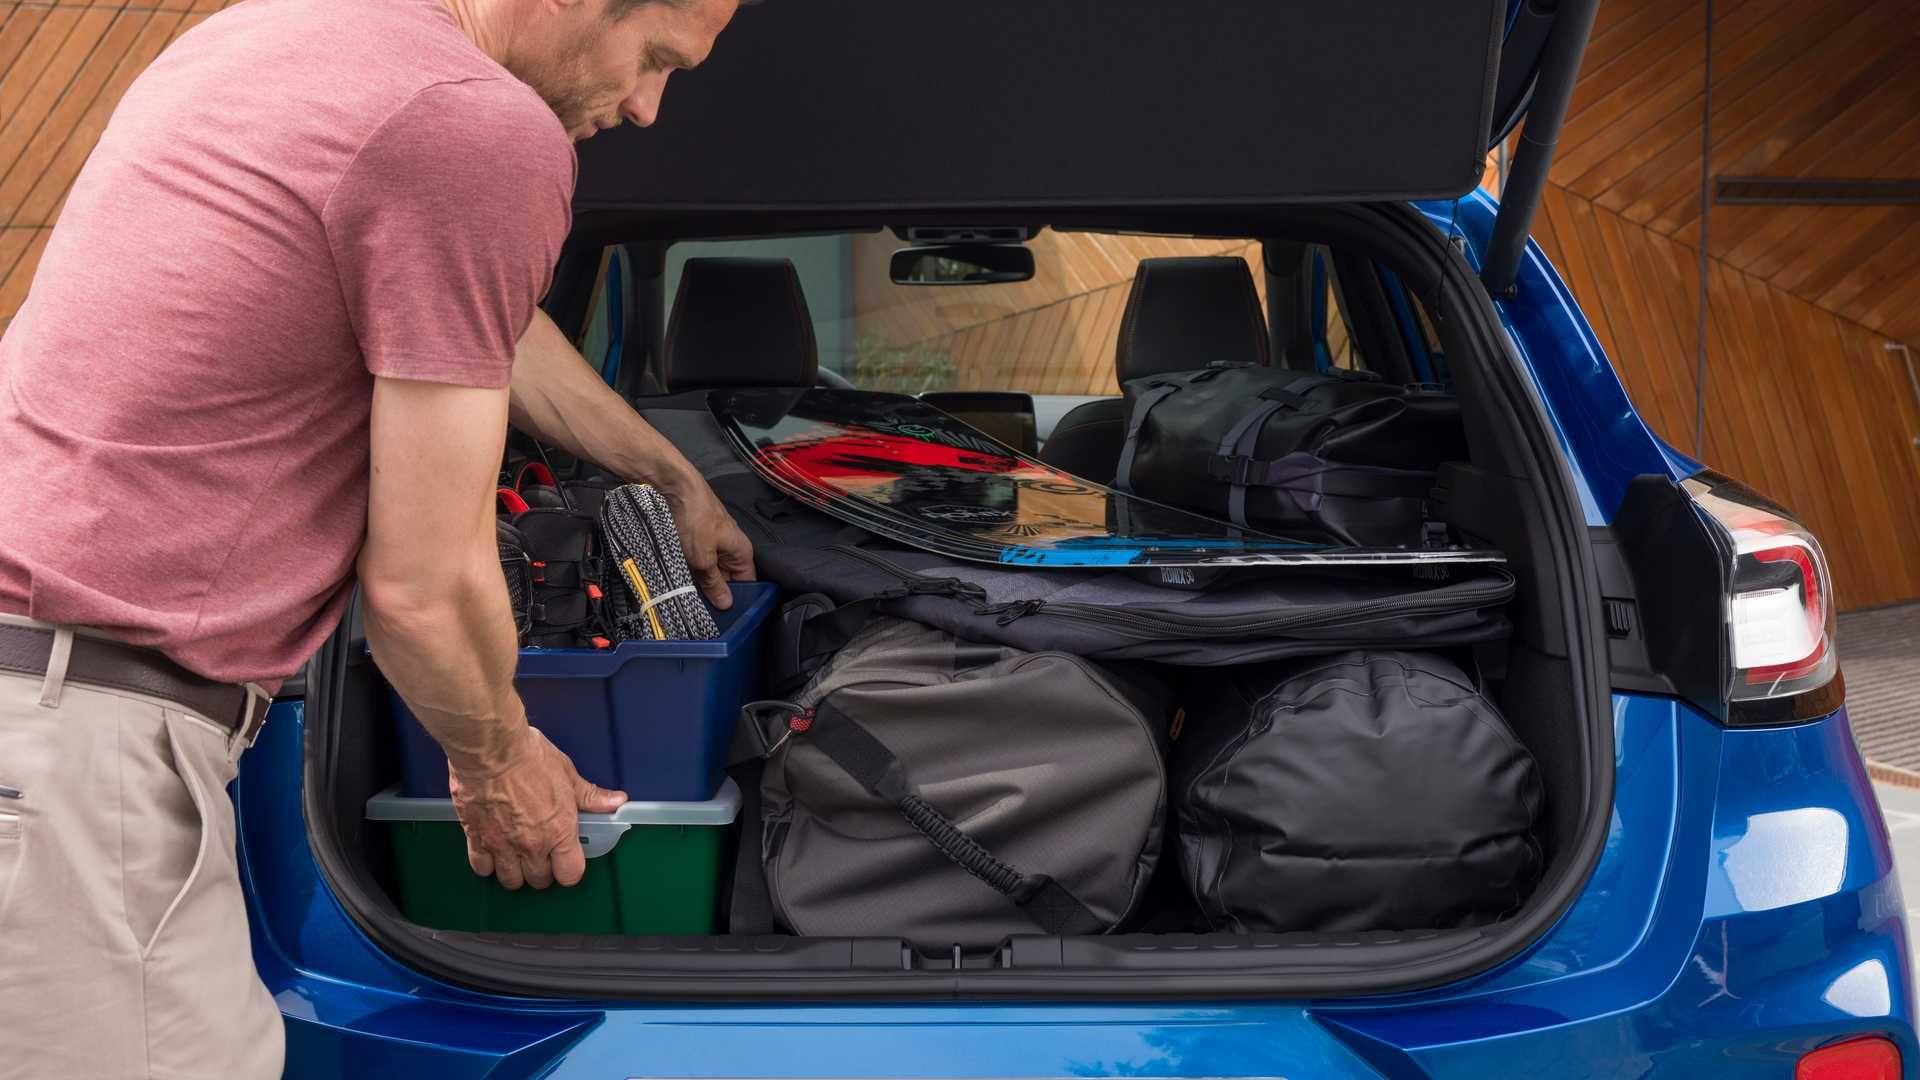 Ford офіційно представив крихітний кроссовер Puma –він трохи більший за Fiesta